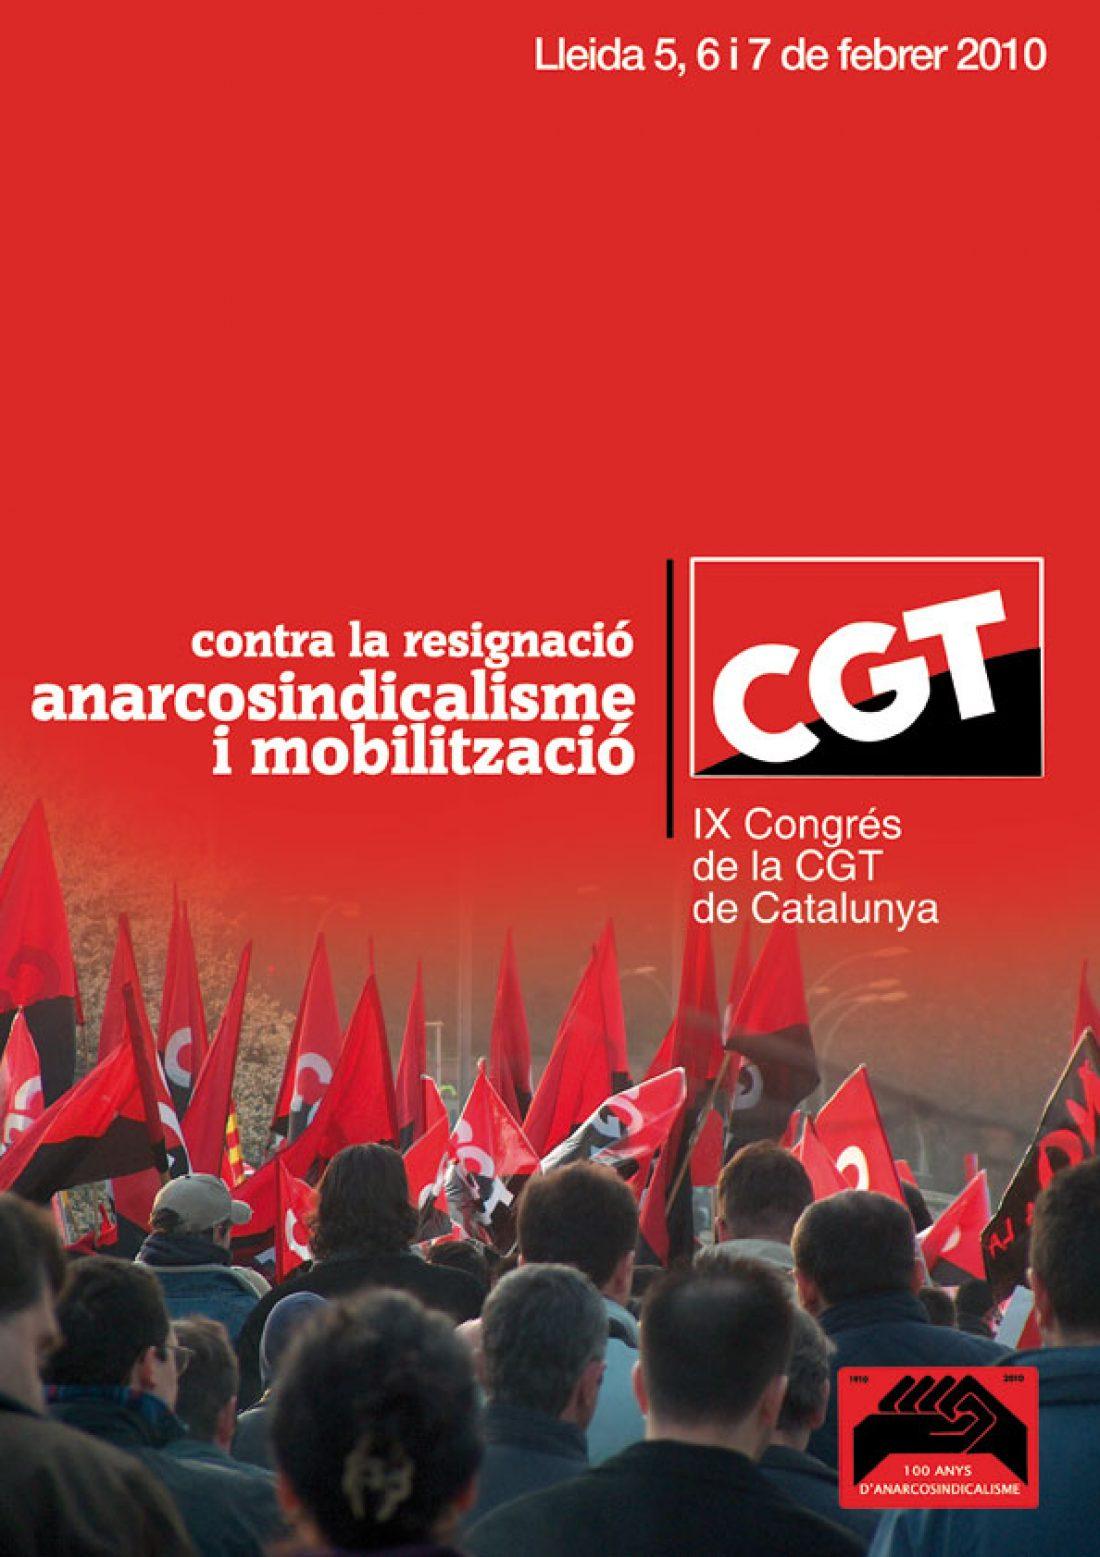 IX Congreso de la CGT de Catalunya. Lleida, 5, 6 y 7 de Febrero de 2010